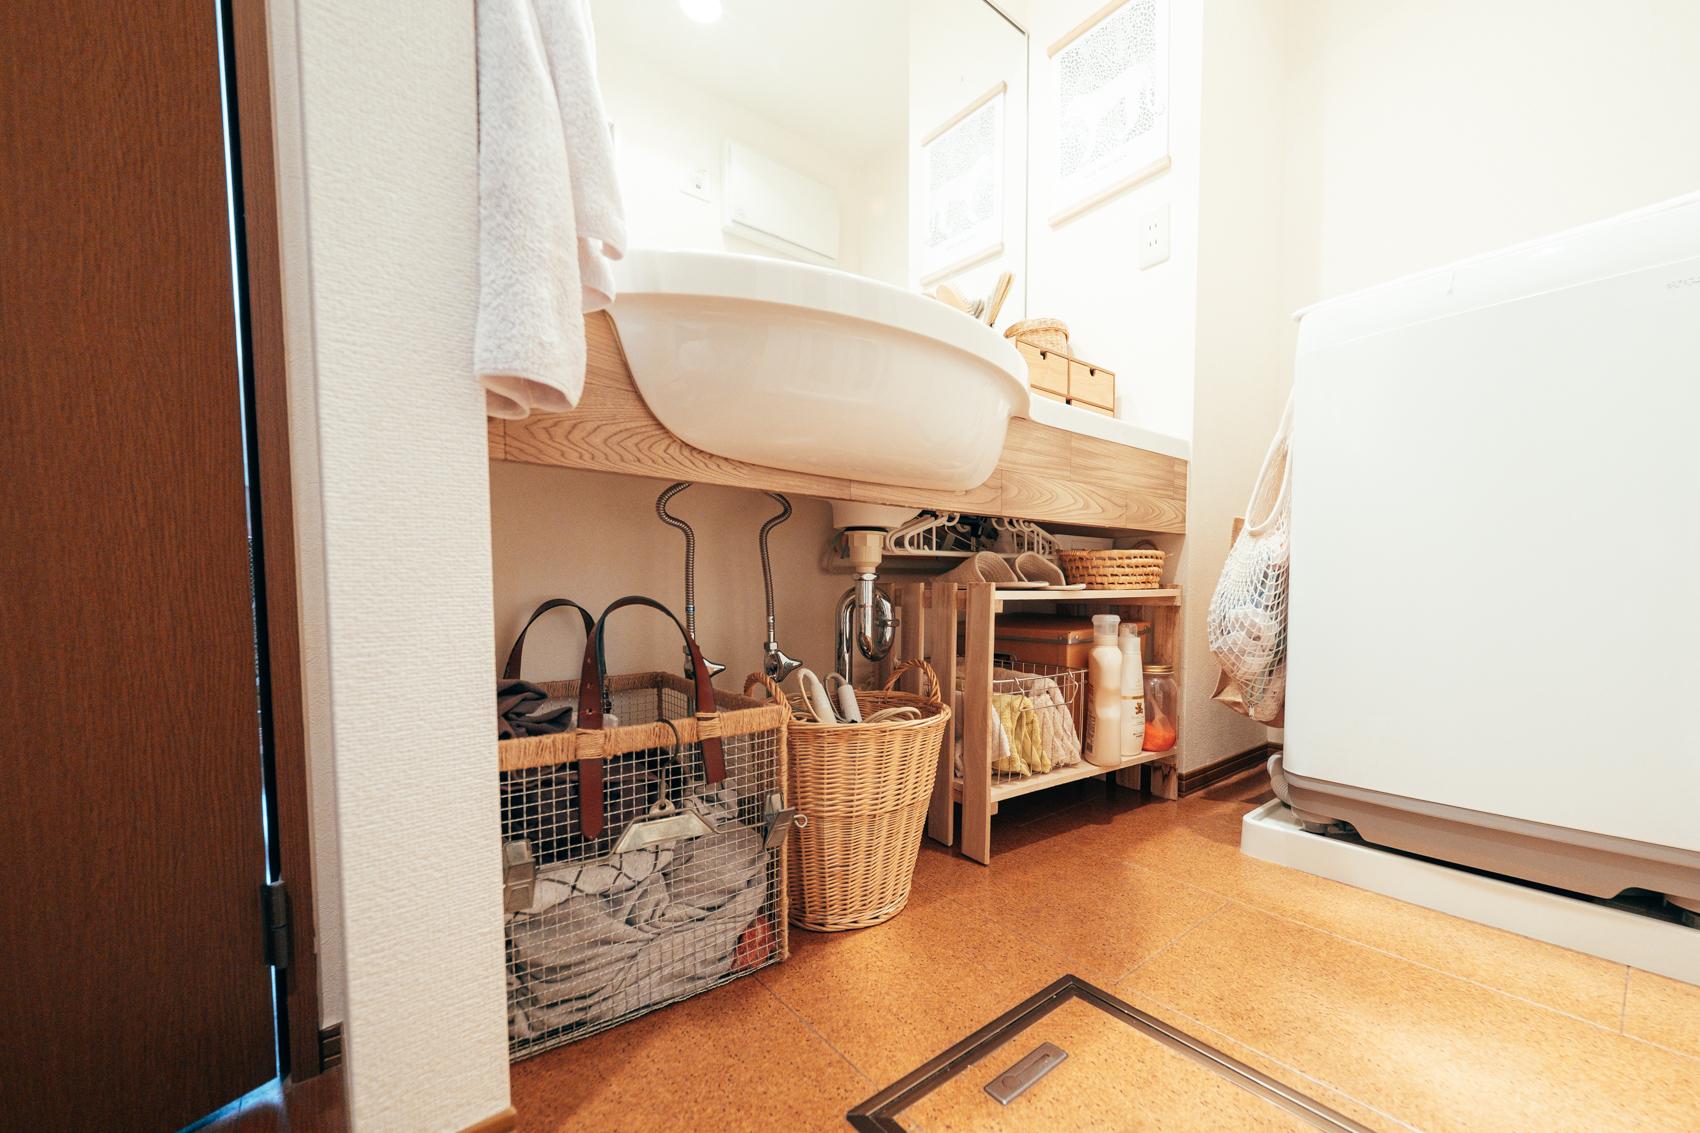 「洗面台の下に収納スペースがなくて不便!」と悩む方におすすめ。こんな風にカゴや木など素材を統一した入れ物を置けば、すっきりとナチュラルな印象に早変わり!(このお部屋をもっと見る)